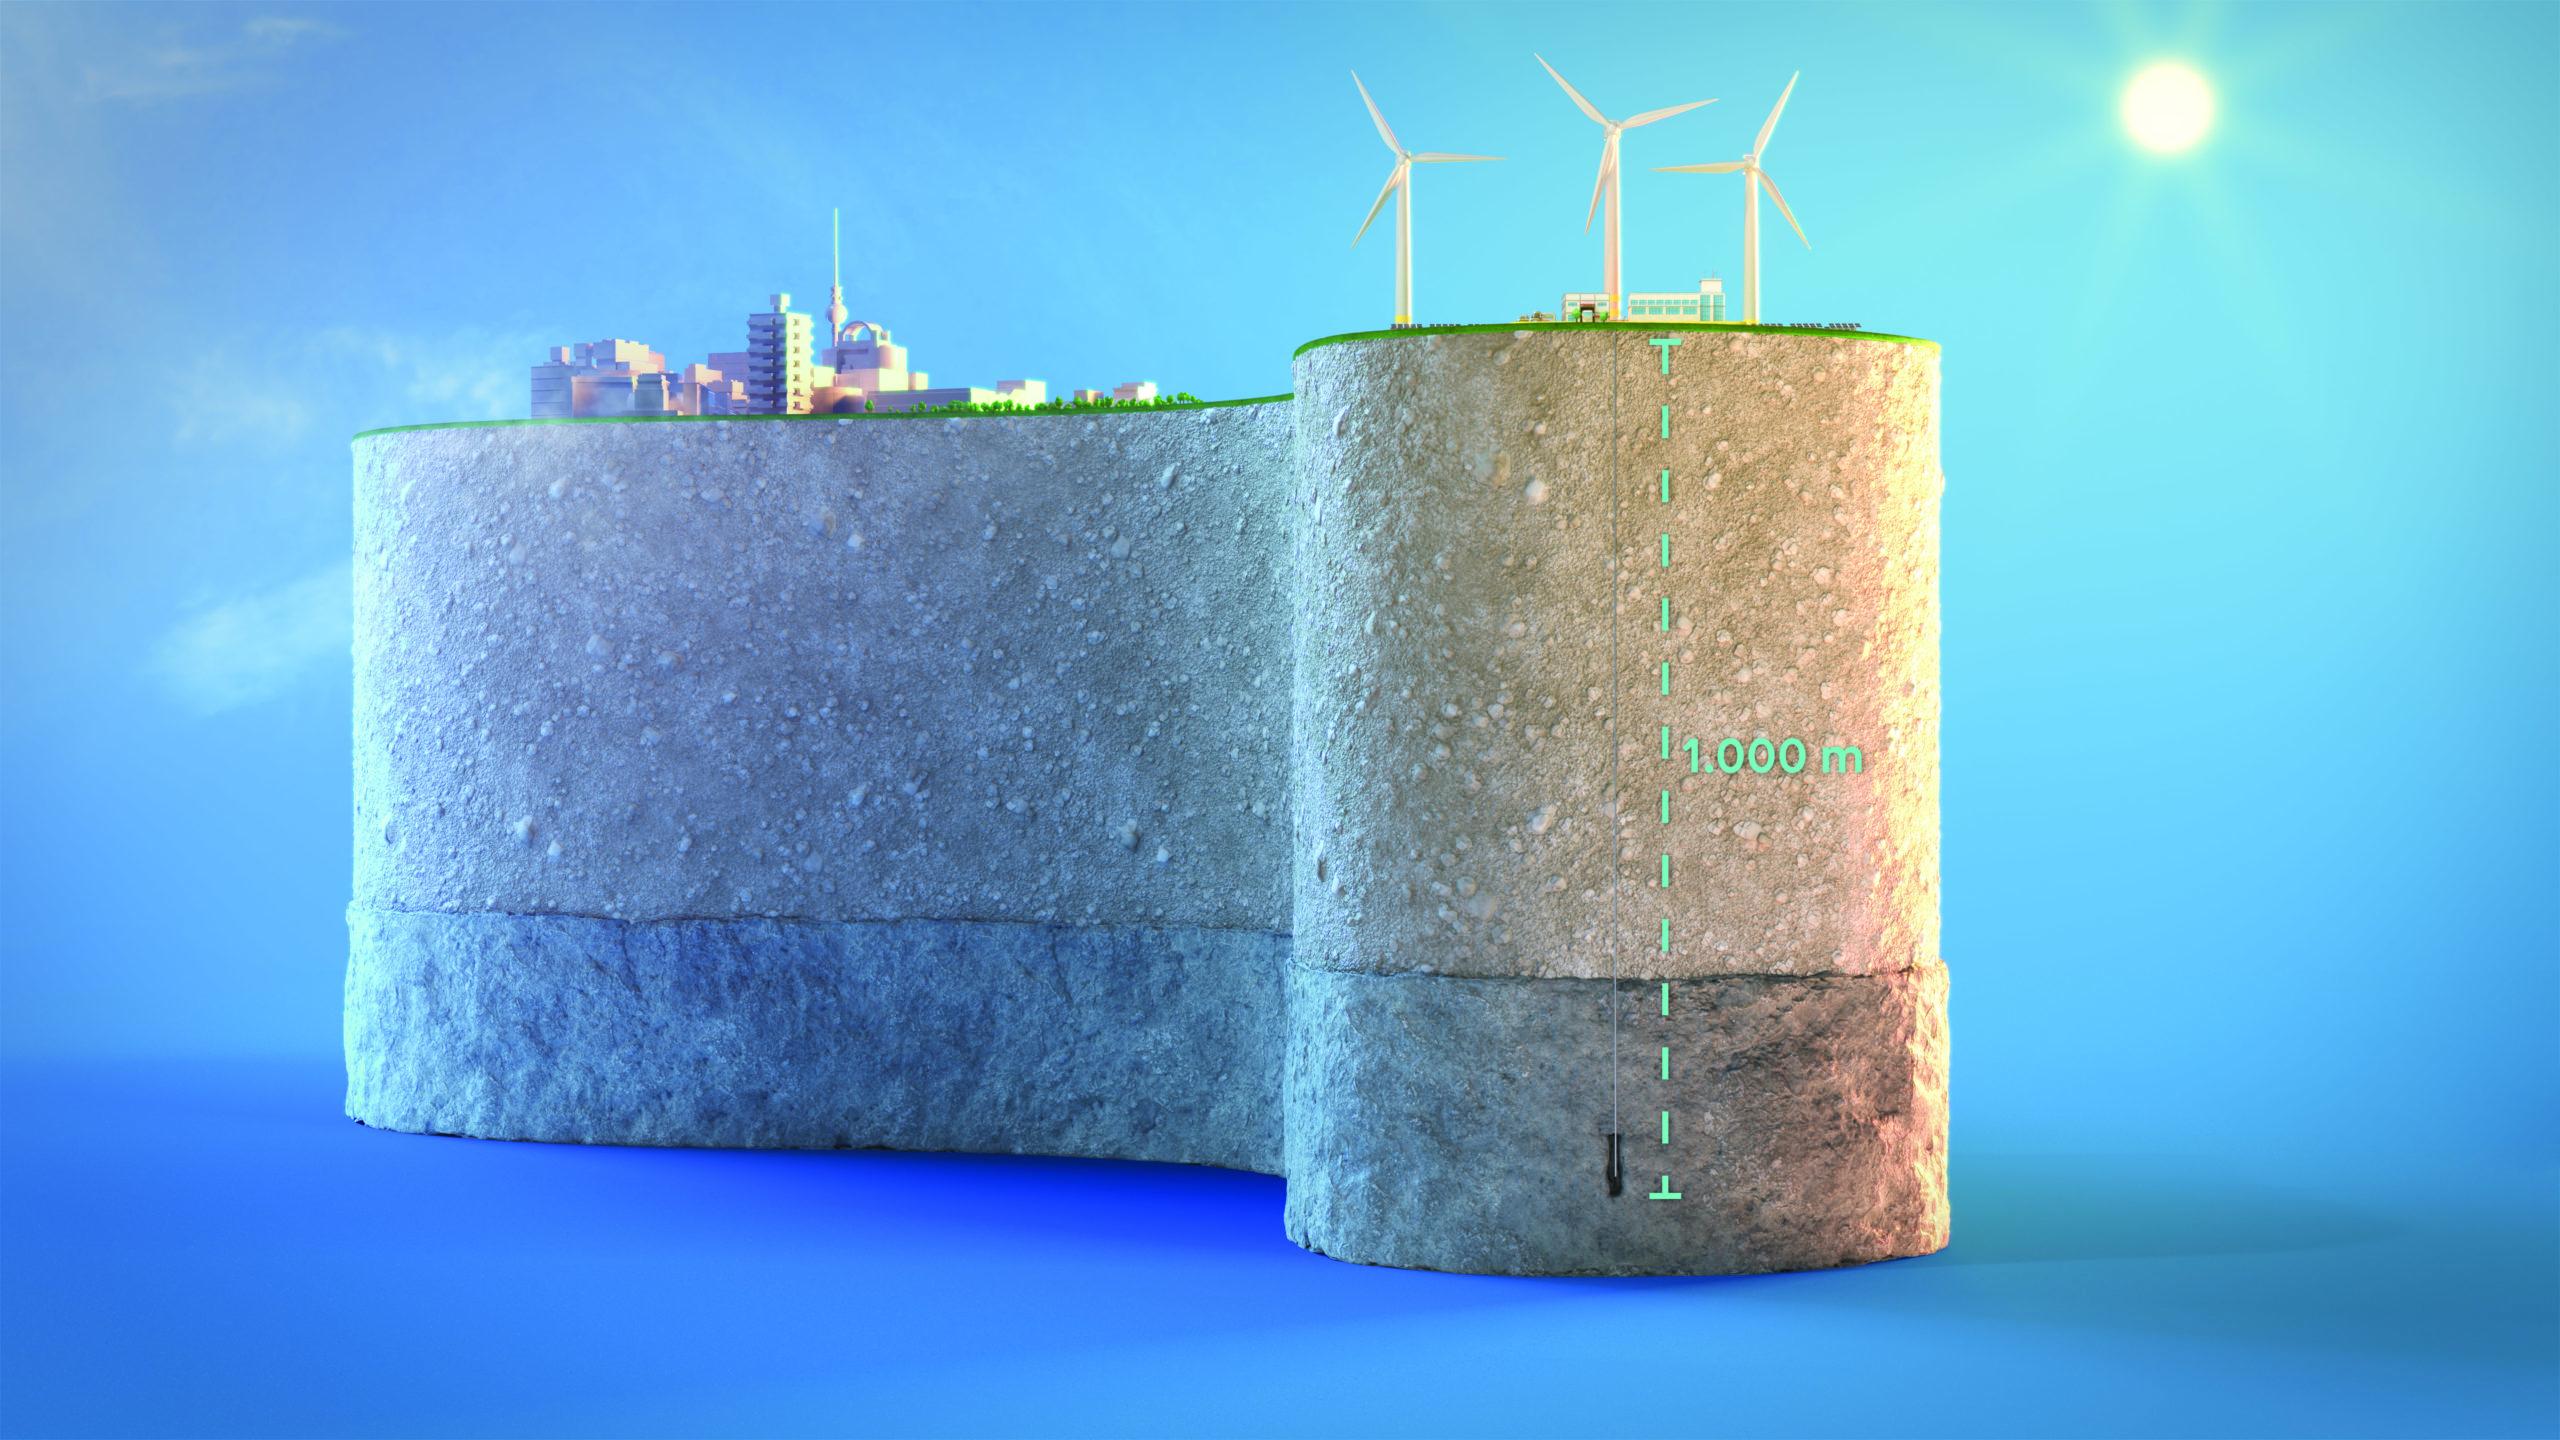 Fuel Cells Works, Salt Caves, Hydrogen, News, France